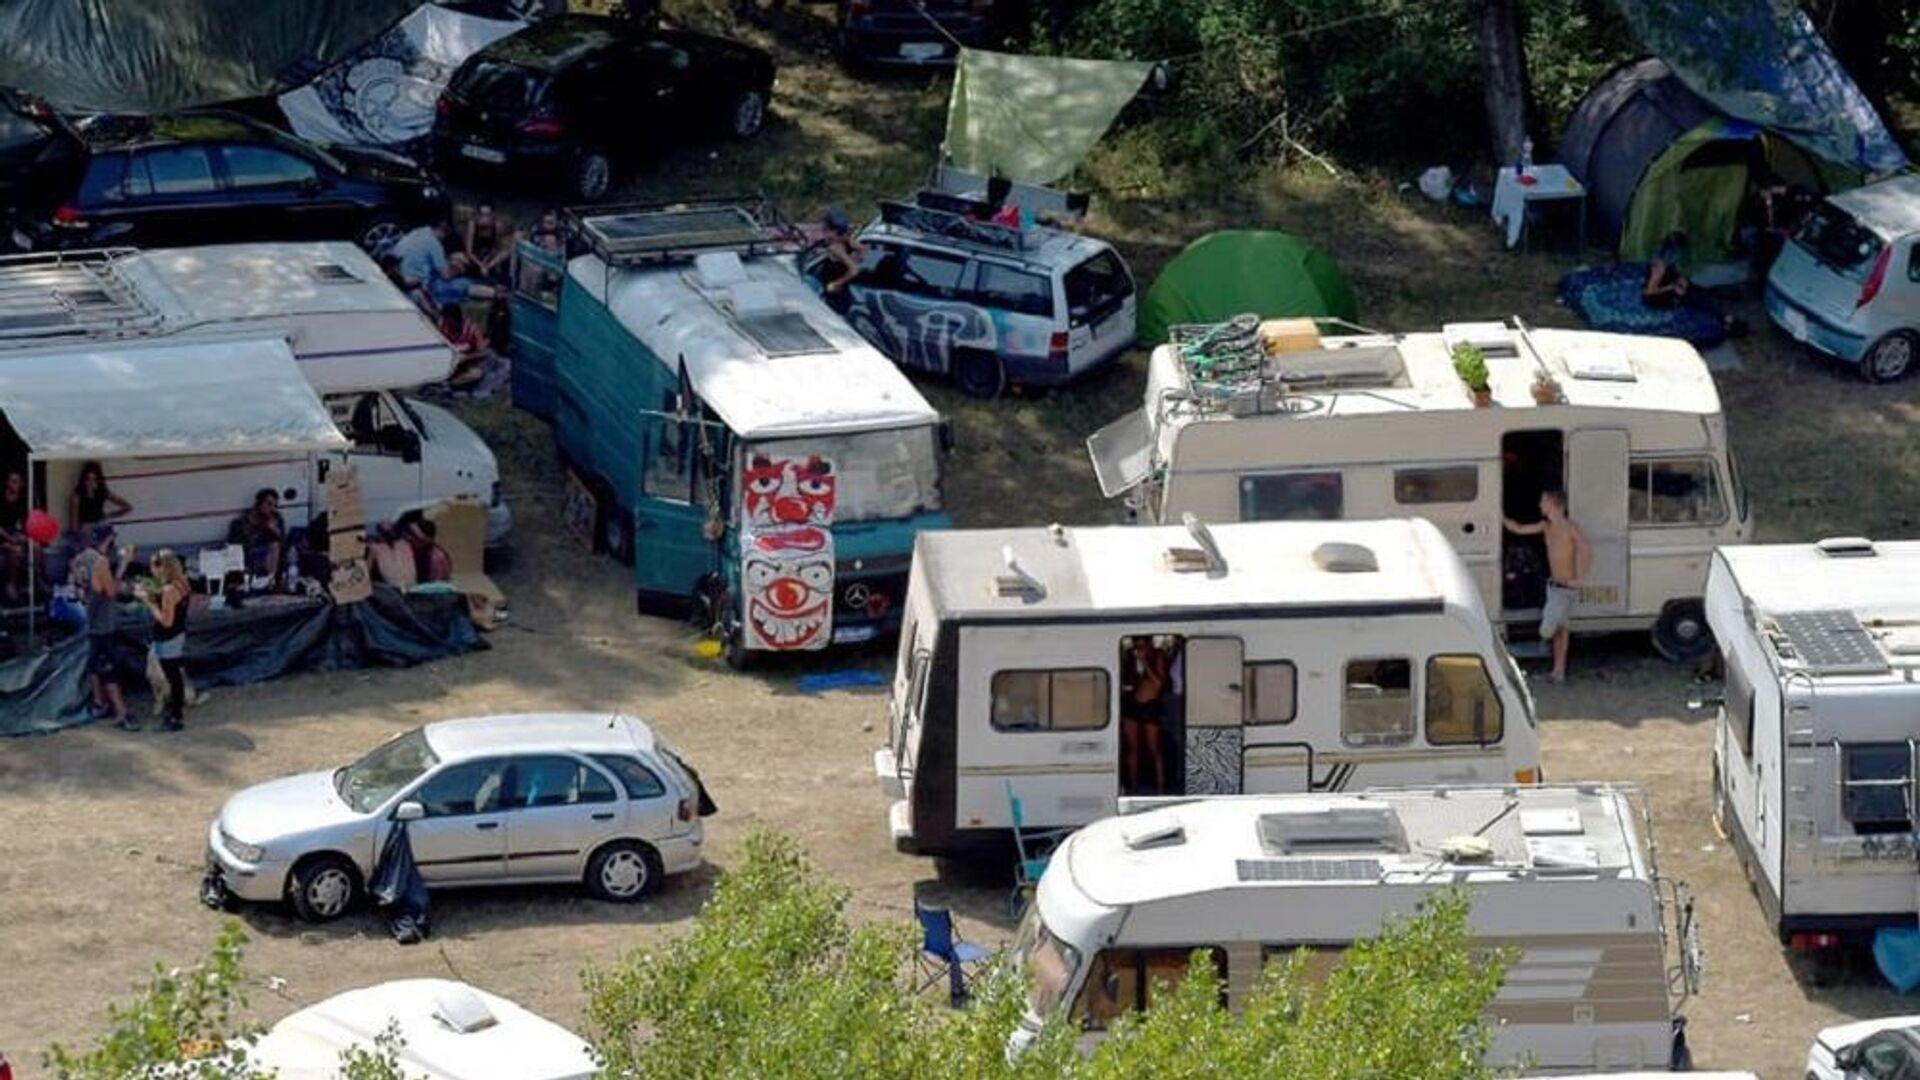 Rave party al parco nazionale dell'Appennino Lucano Val d'Agri nel Lagonegrese - Sputnik Italia, 1920, 18.08.2021